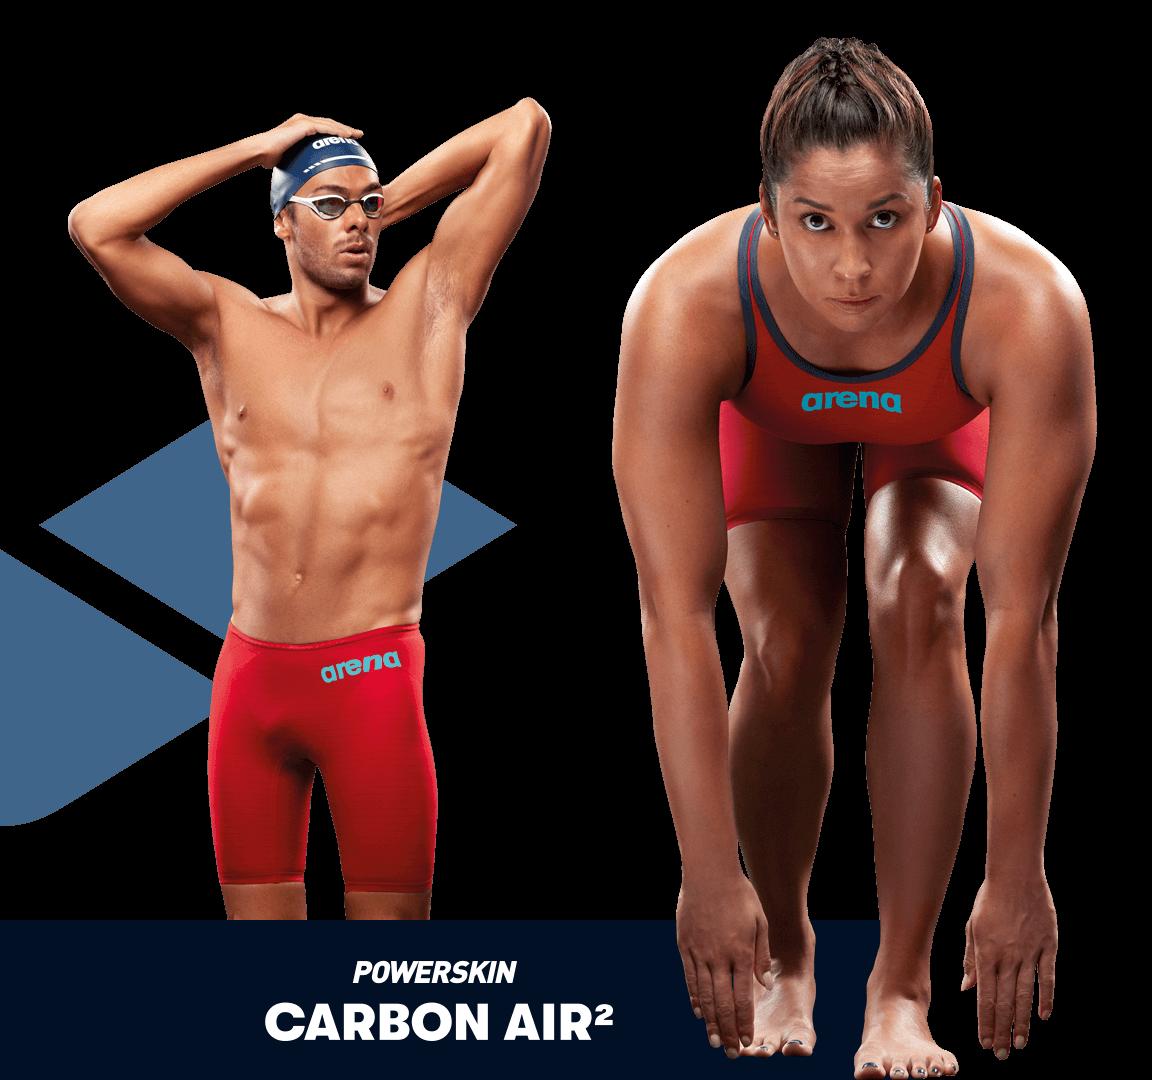 Bañador de competición arena Powerskin Carbon Air 2